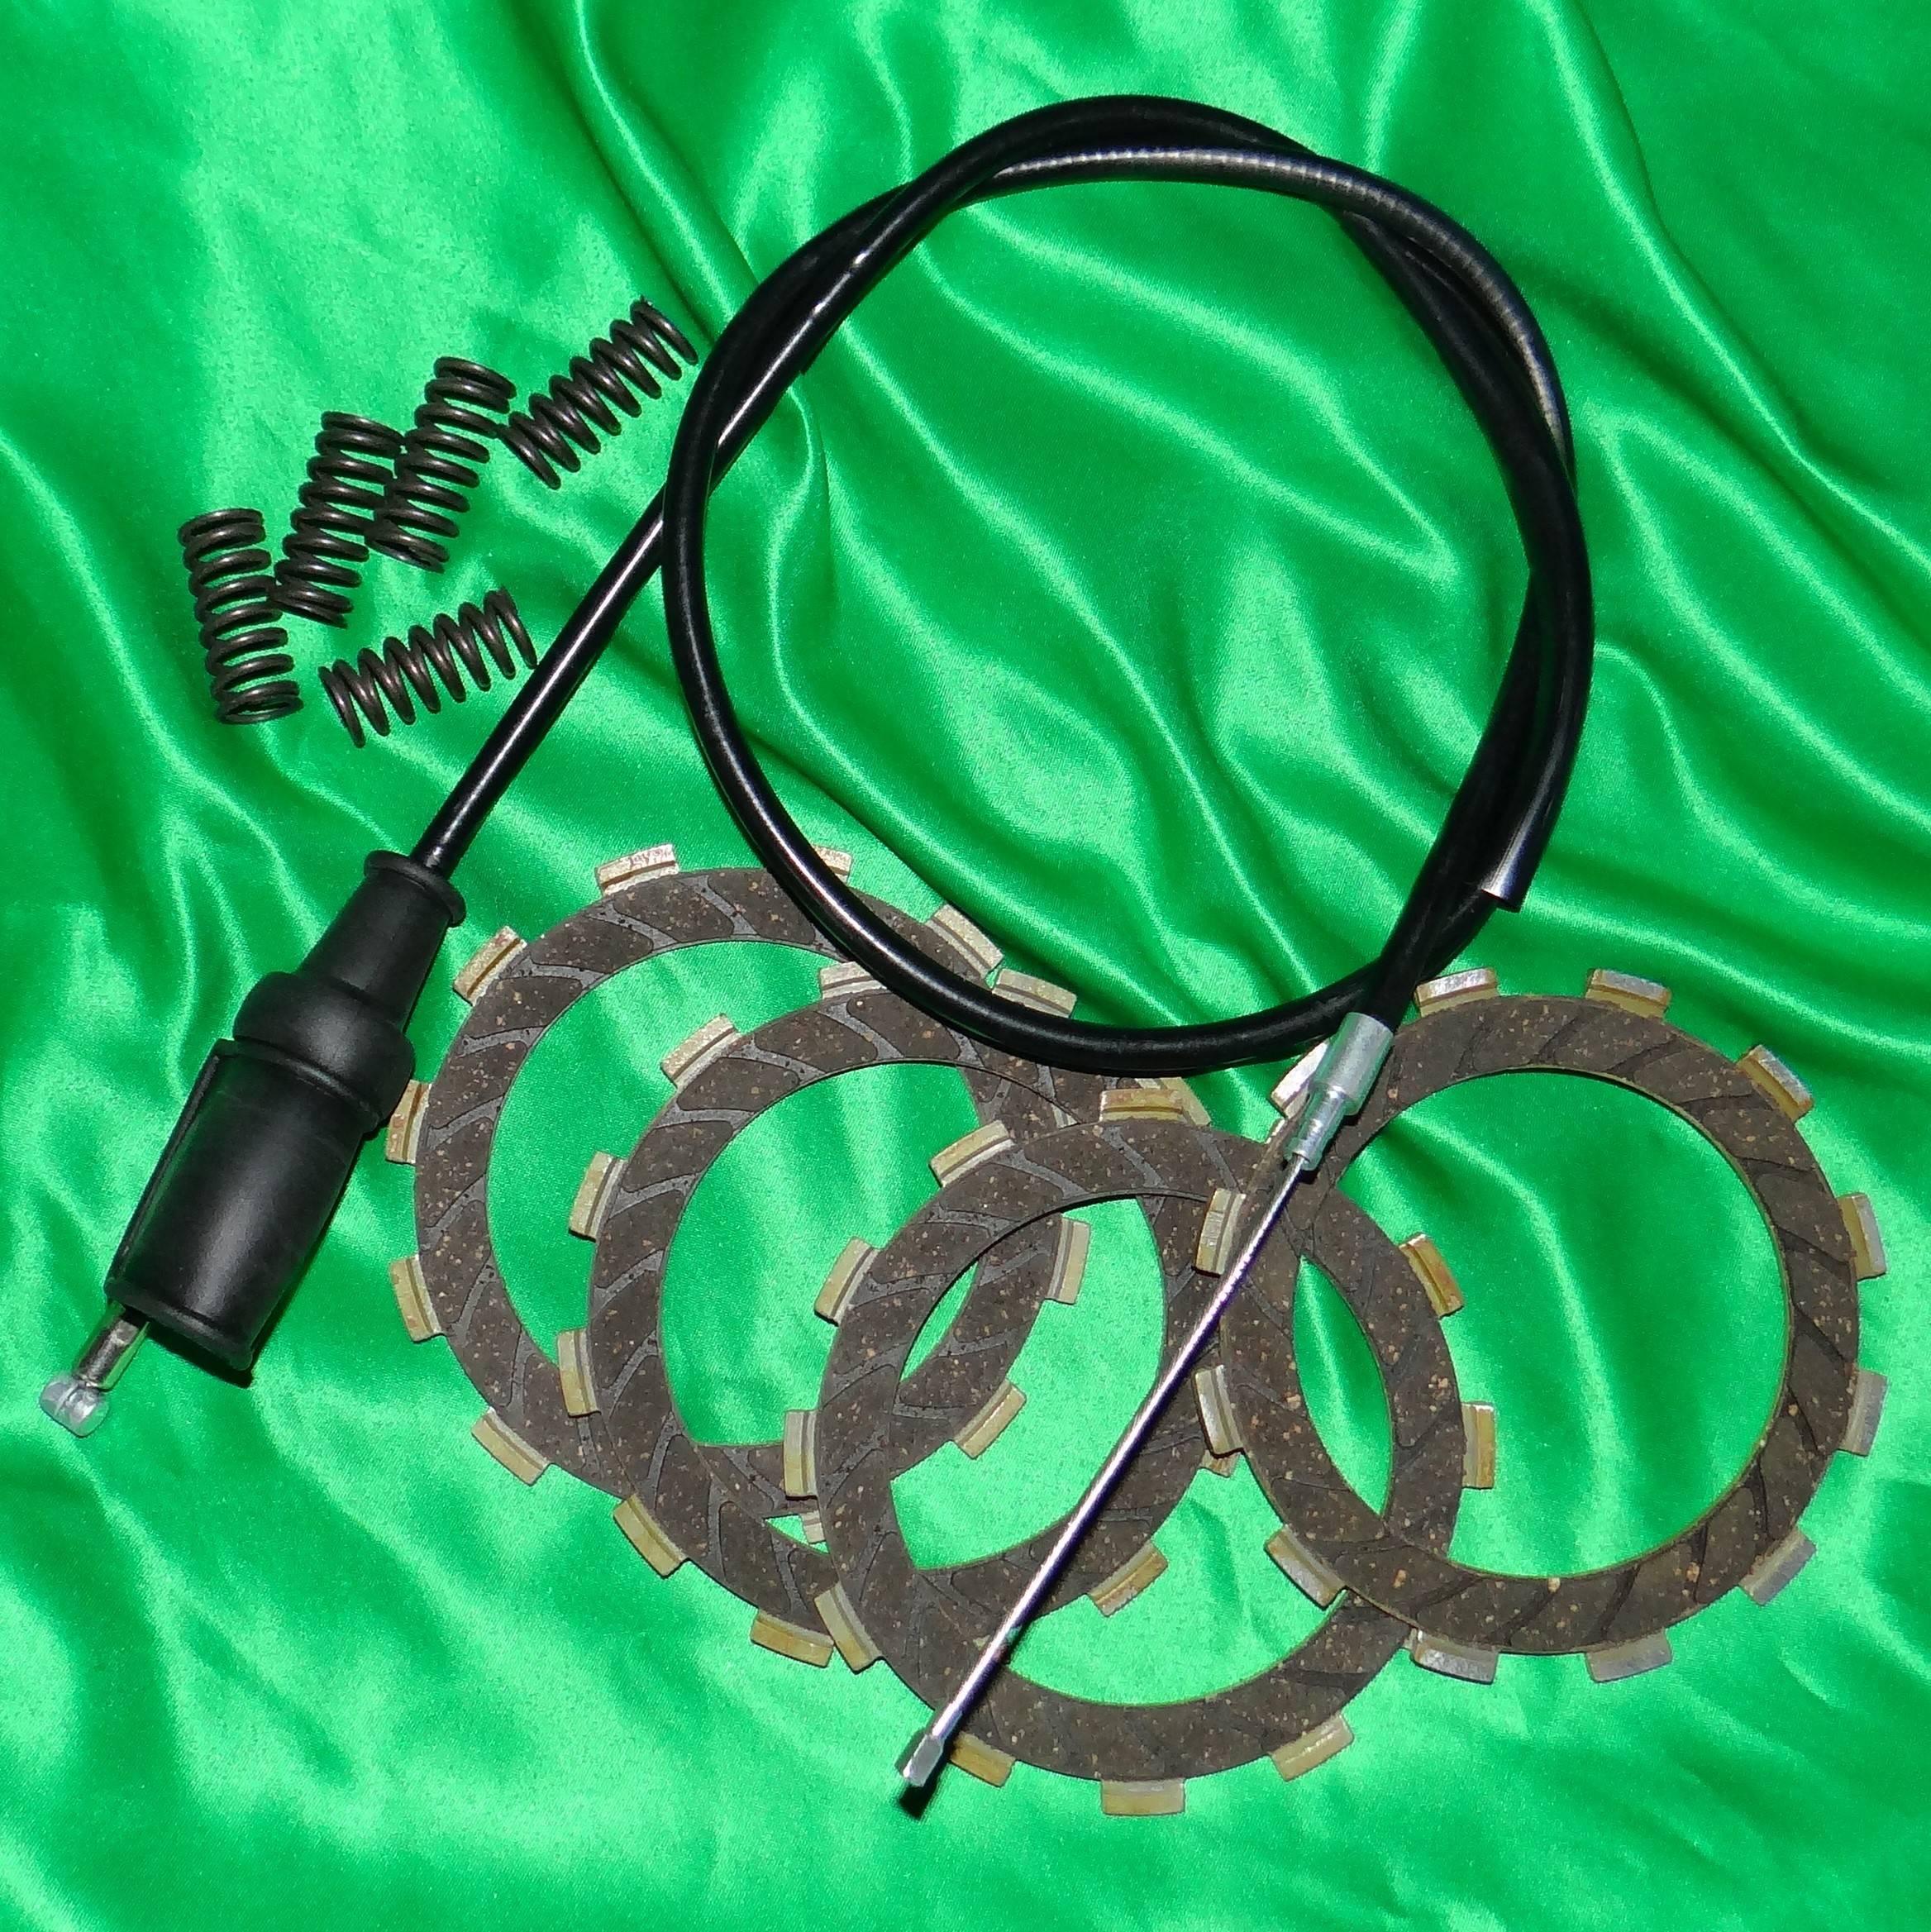 Disque d'embrayage, ressort, cable d'embrayage,... pour HUSABERG 4 temps